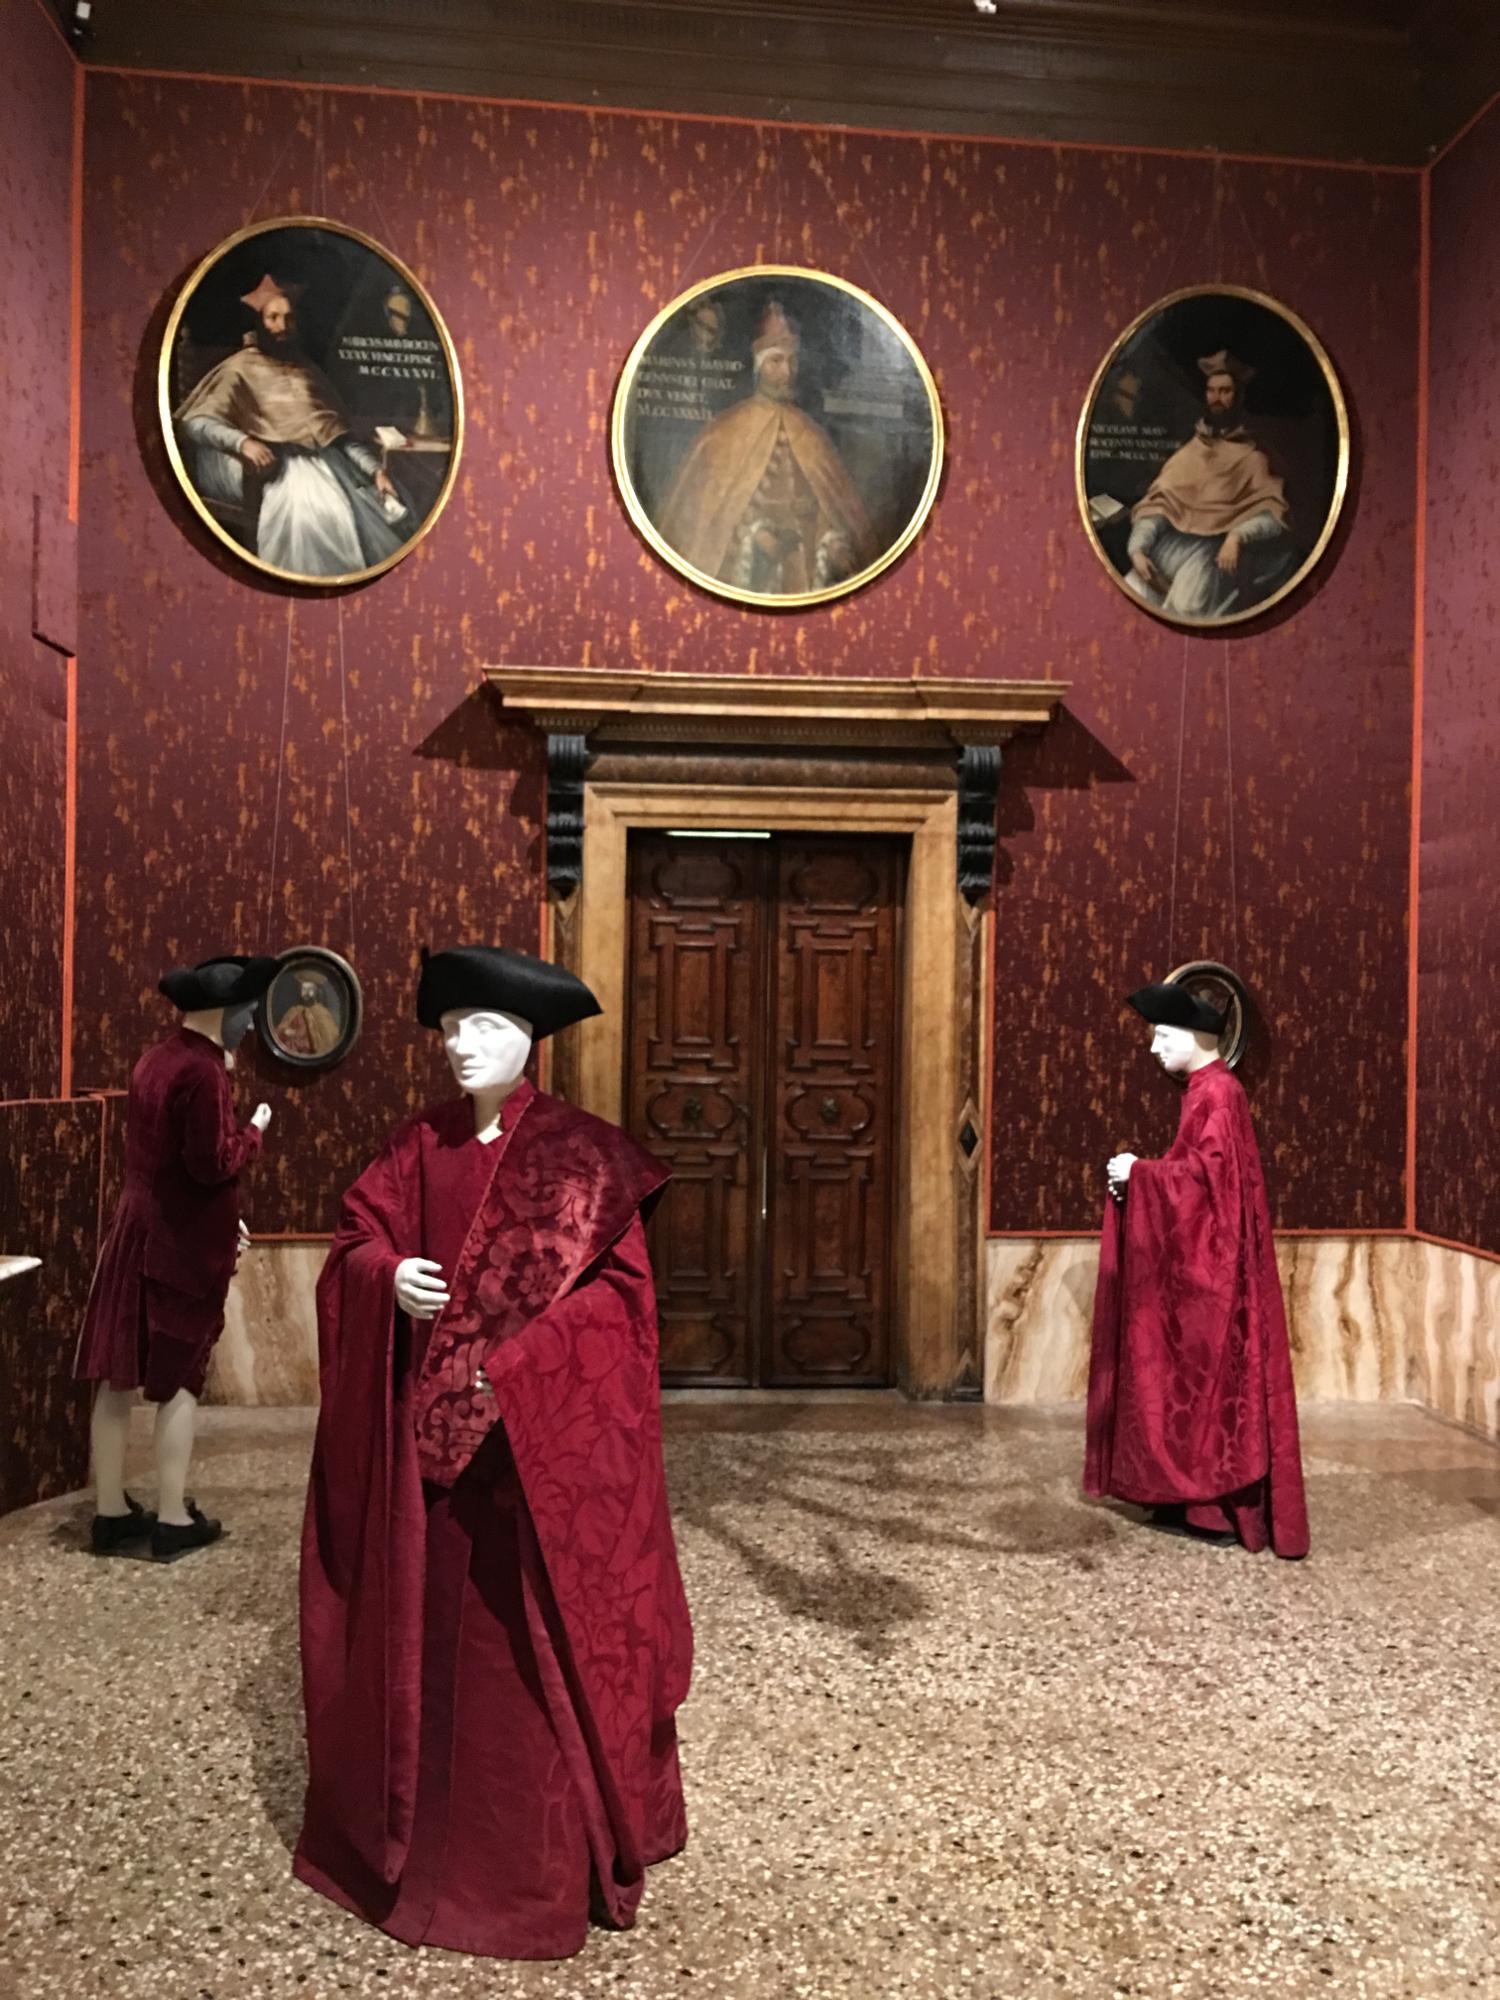 rocaille-blog-venezia-palazzo-mocenigo-museo-costume-36